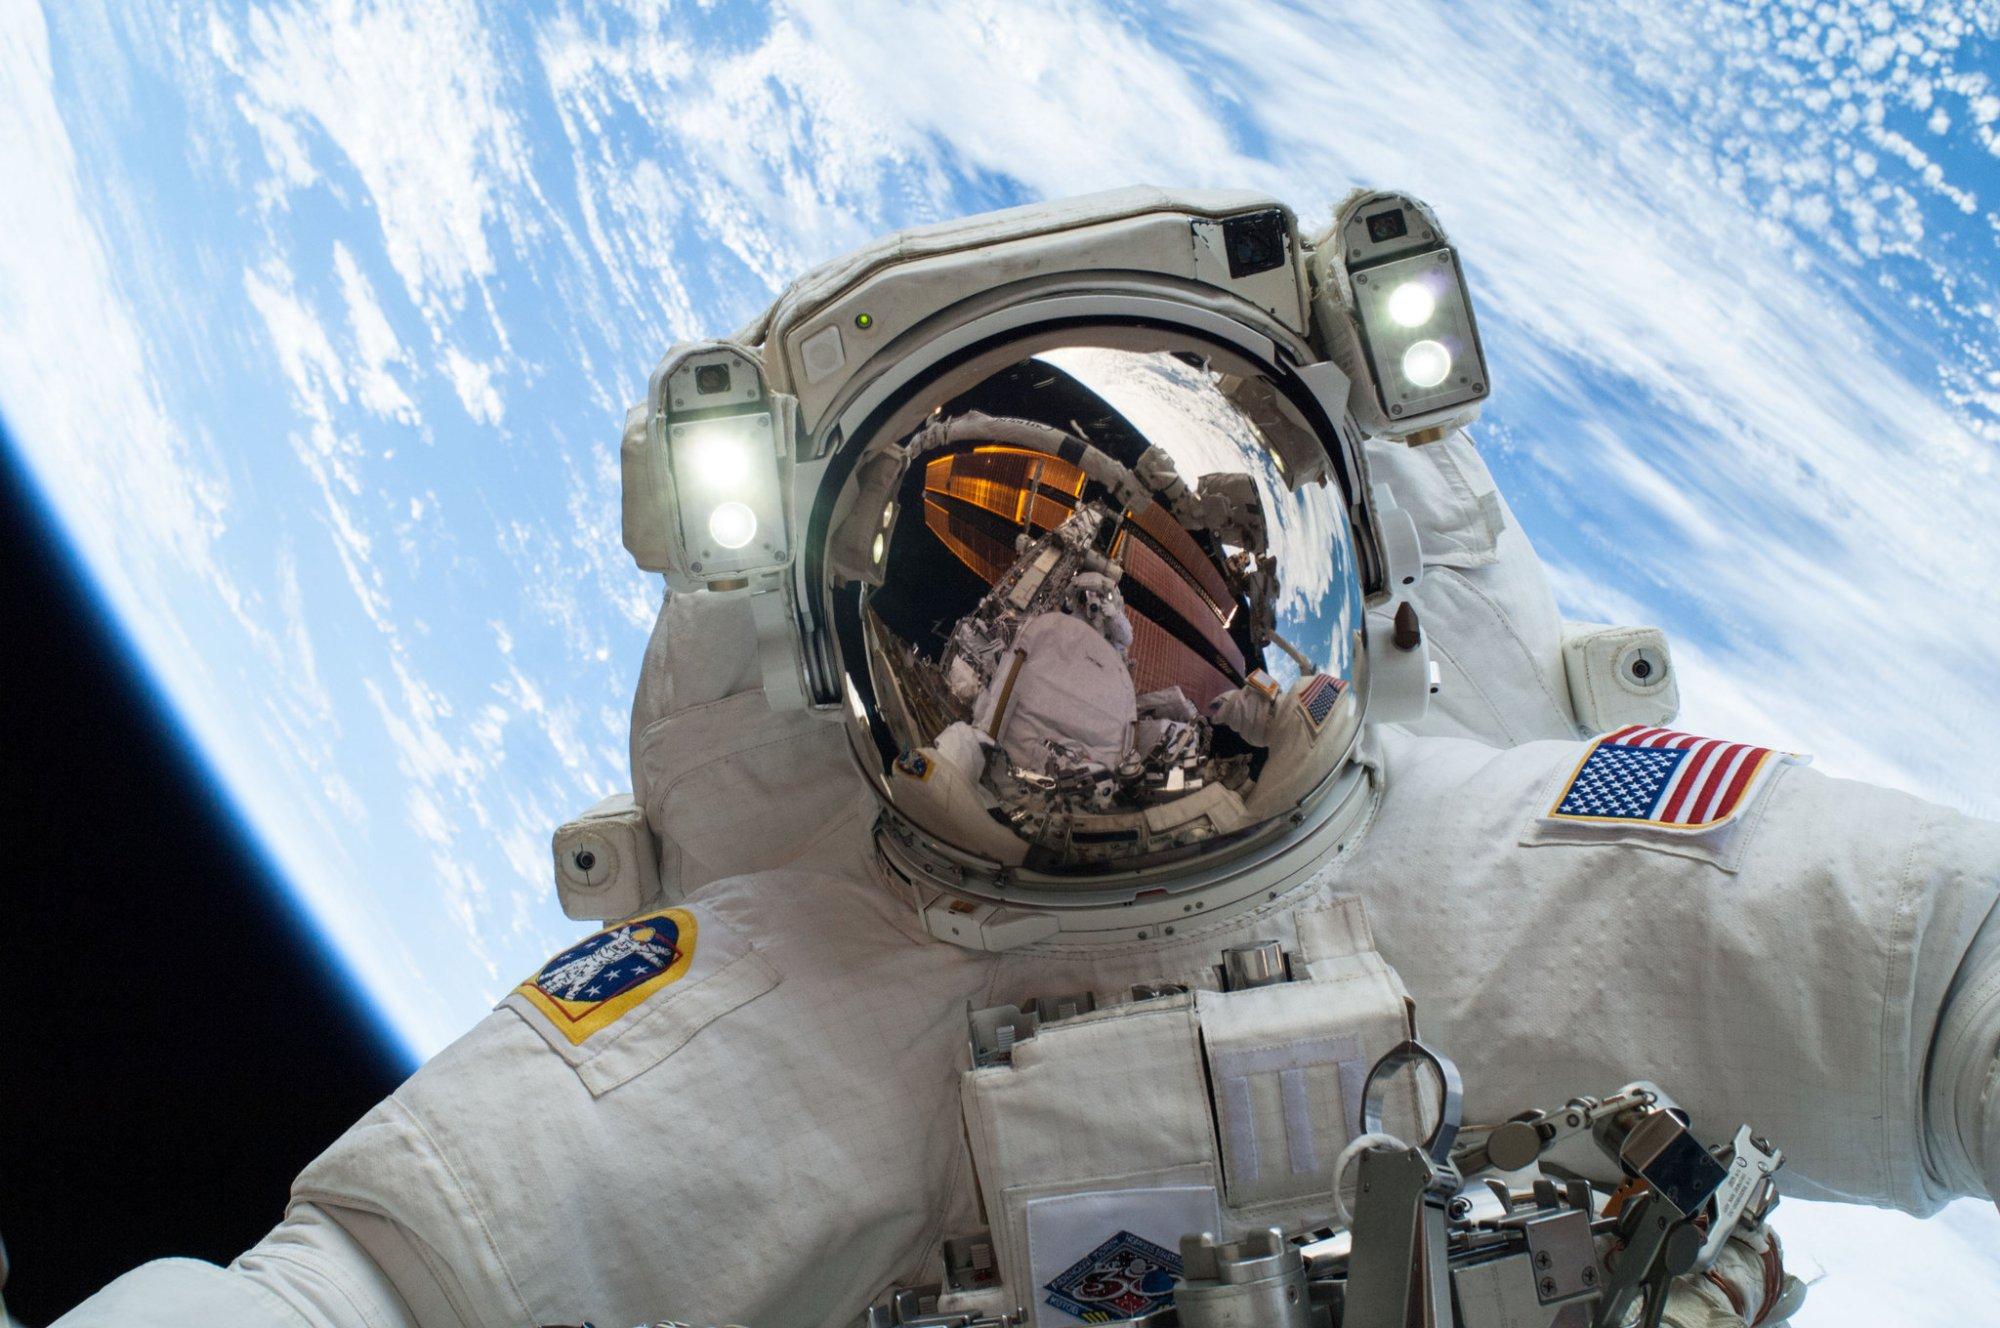 神舟十三号有女性宇航员吗?女性如何在太空度过生理期?